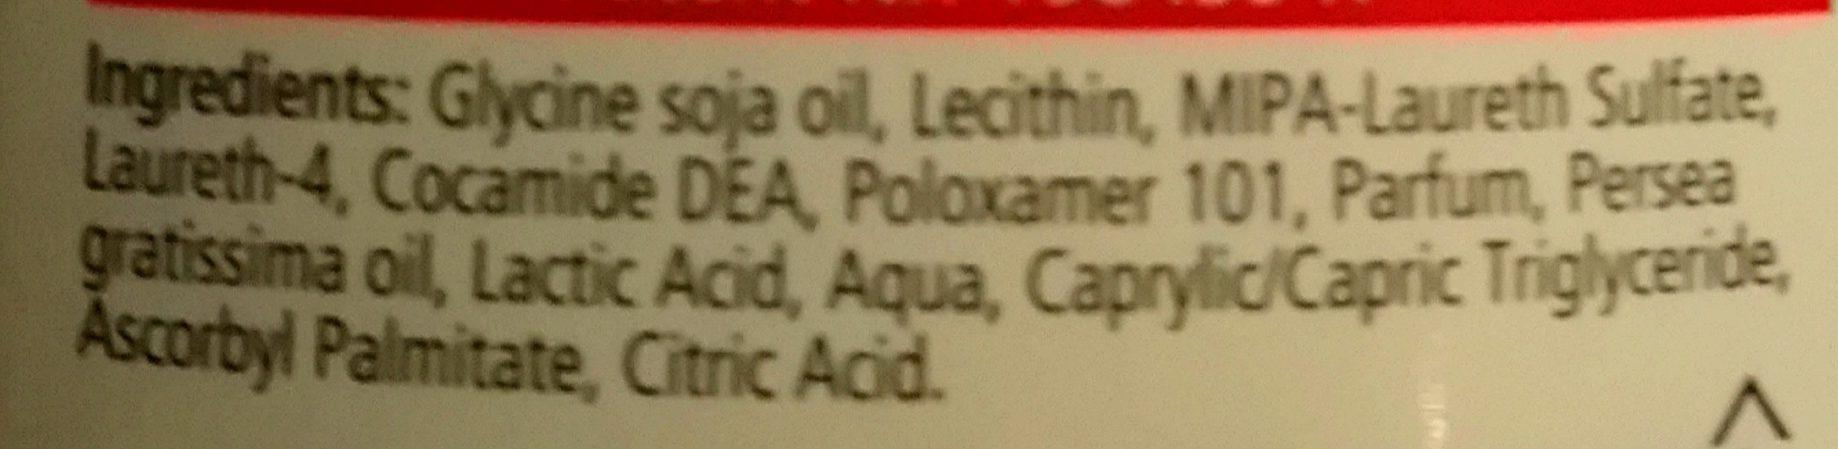 Duschöl mit Avocadoöl und Lecithin - Ingredients - de